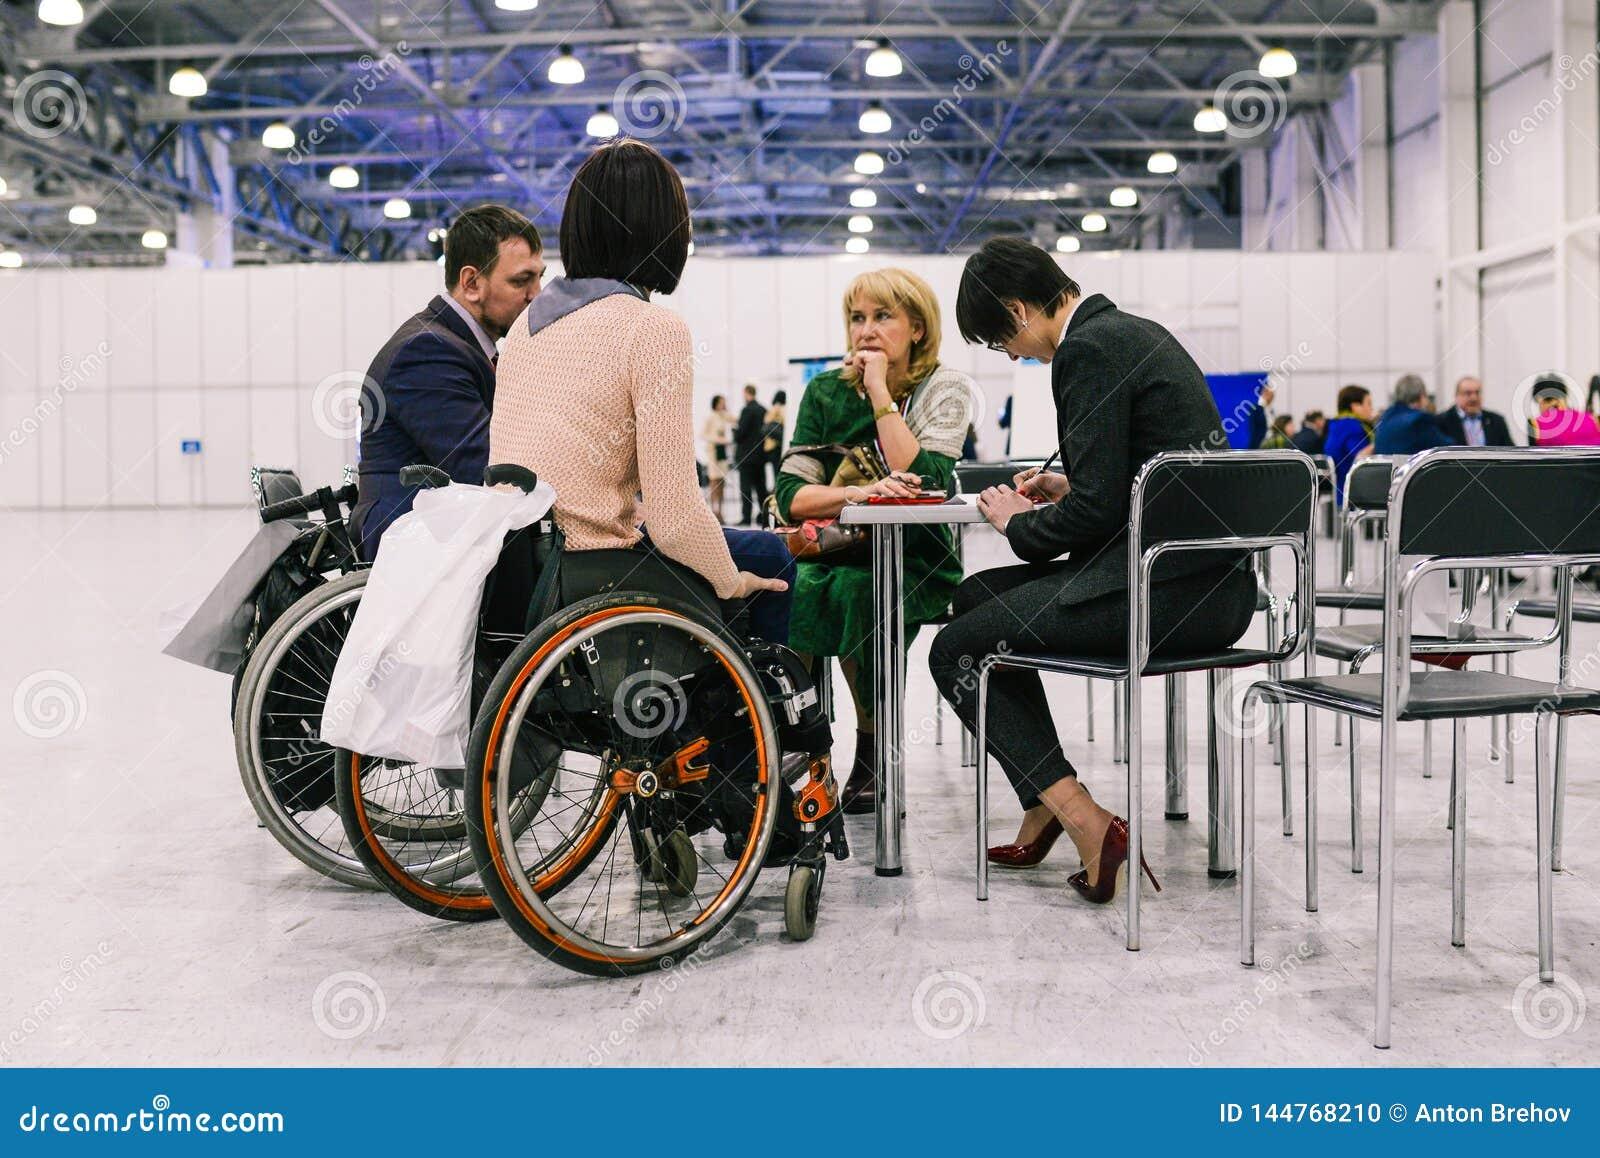 Ryssland stadsMoskva - December 18, 2017: Ung kvinna i en rullstol En grupp människor som diskuterar ett projekt på a